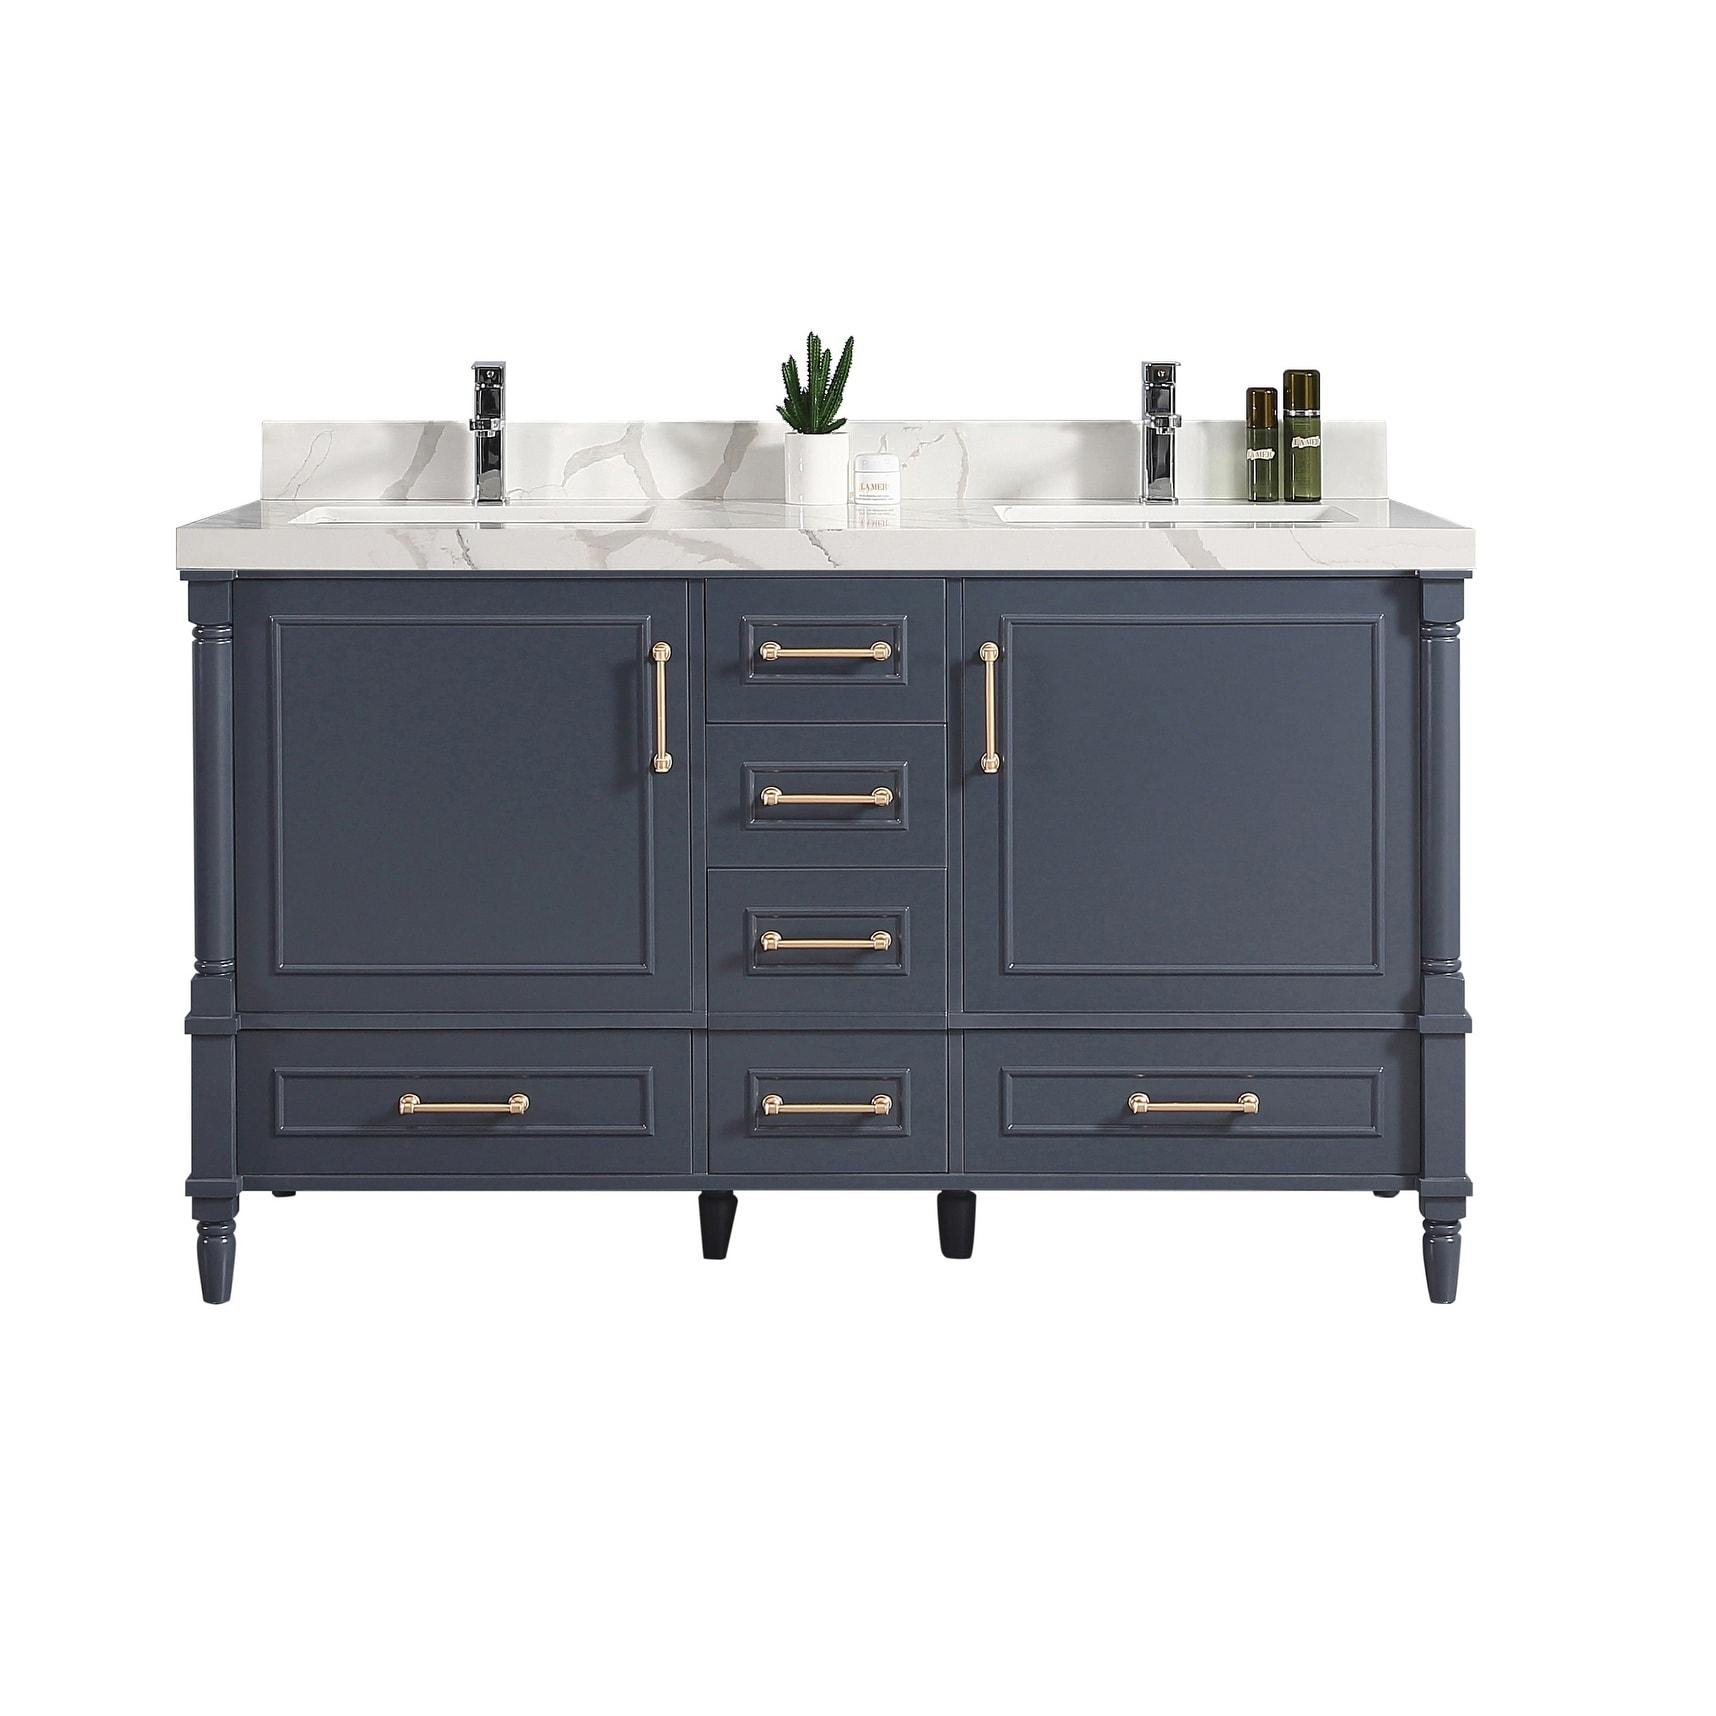 60 X 22 Aberdeen Double Bowl Sink Bathroom Vanity With Countertop Overstock 32577718